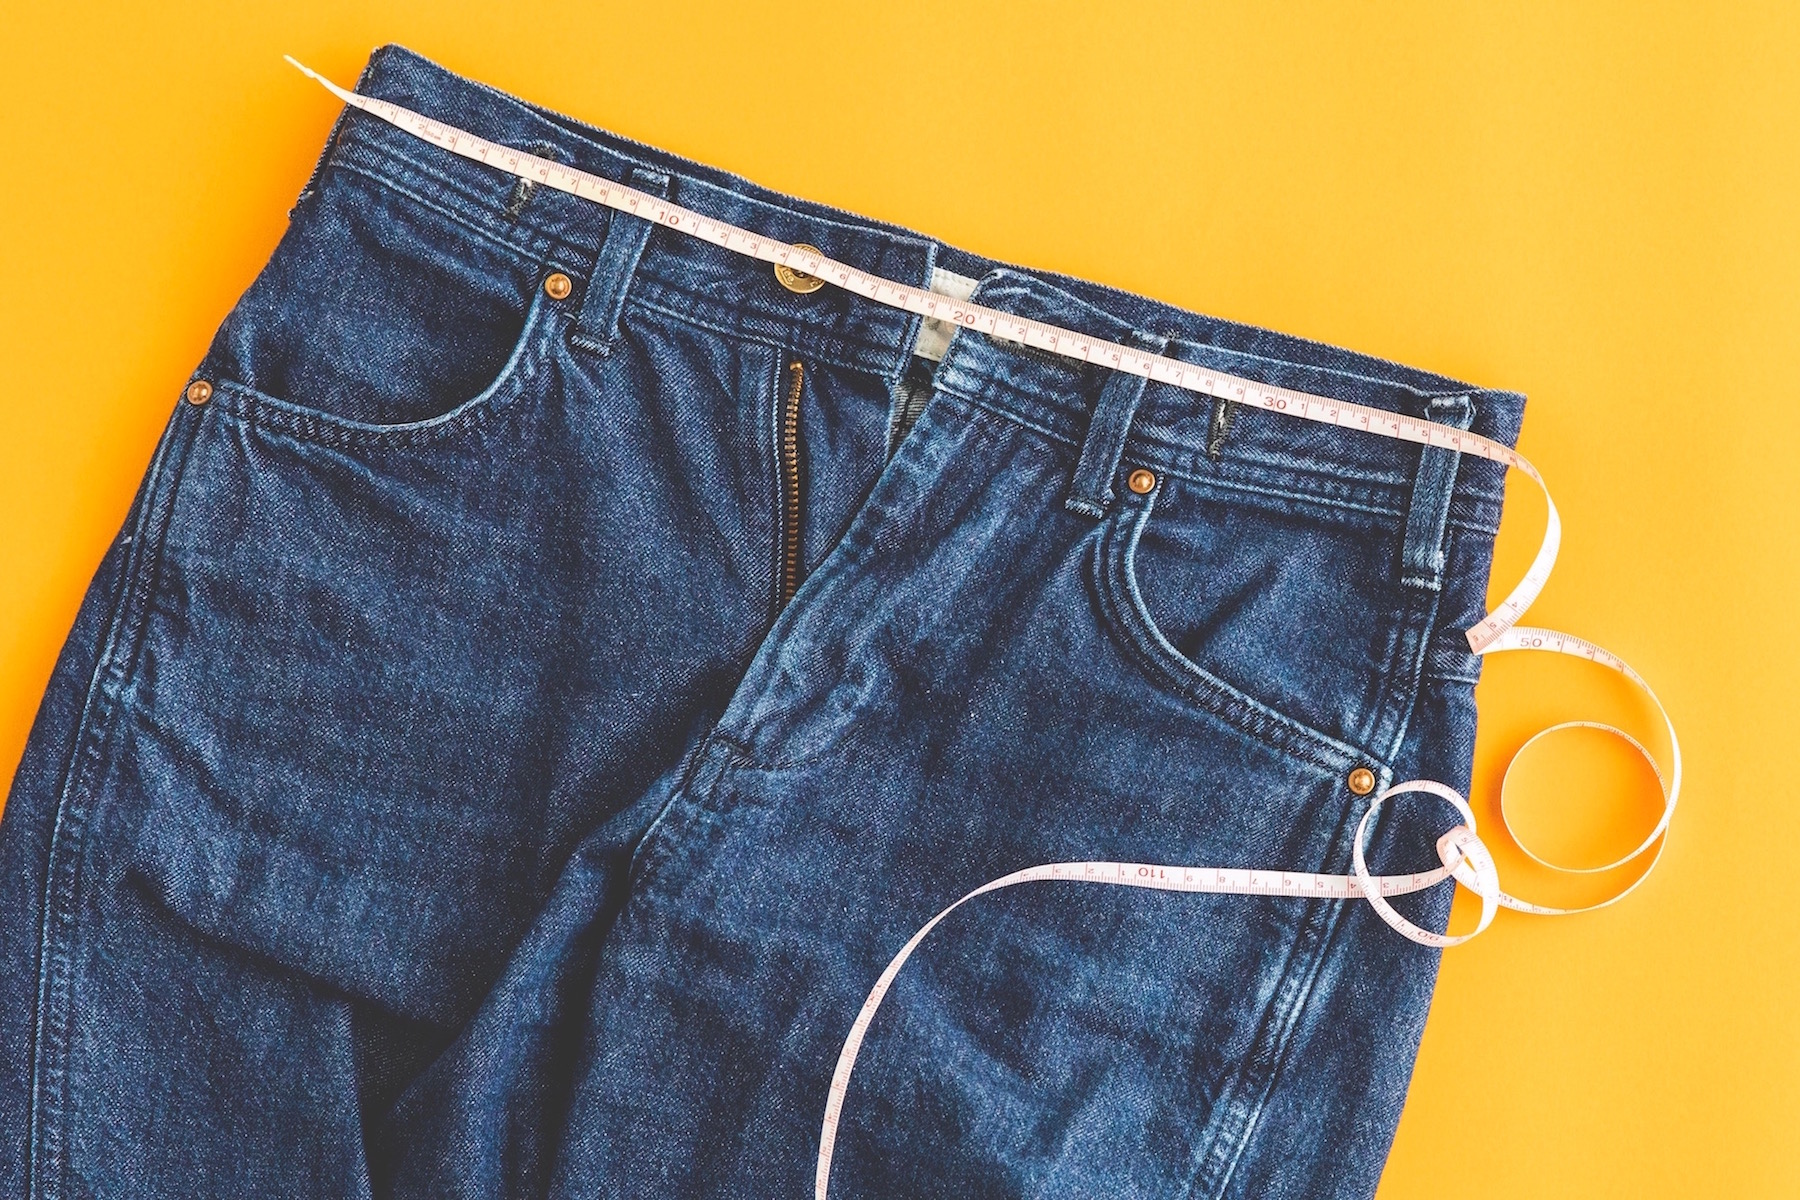 ブックマーク必須! 服のサイズの測り方を解説